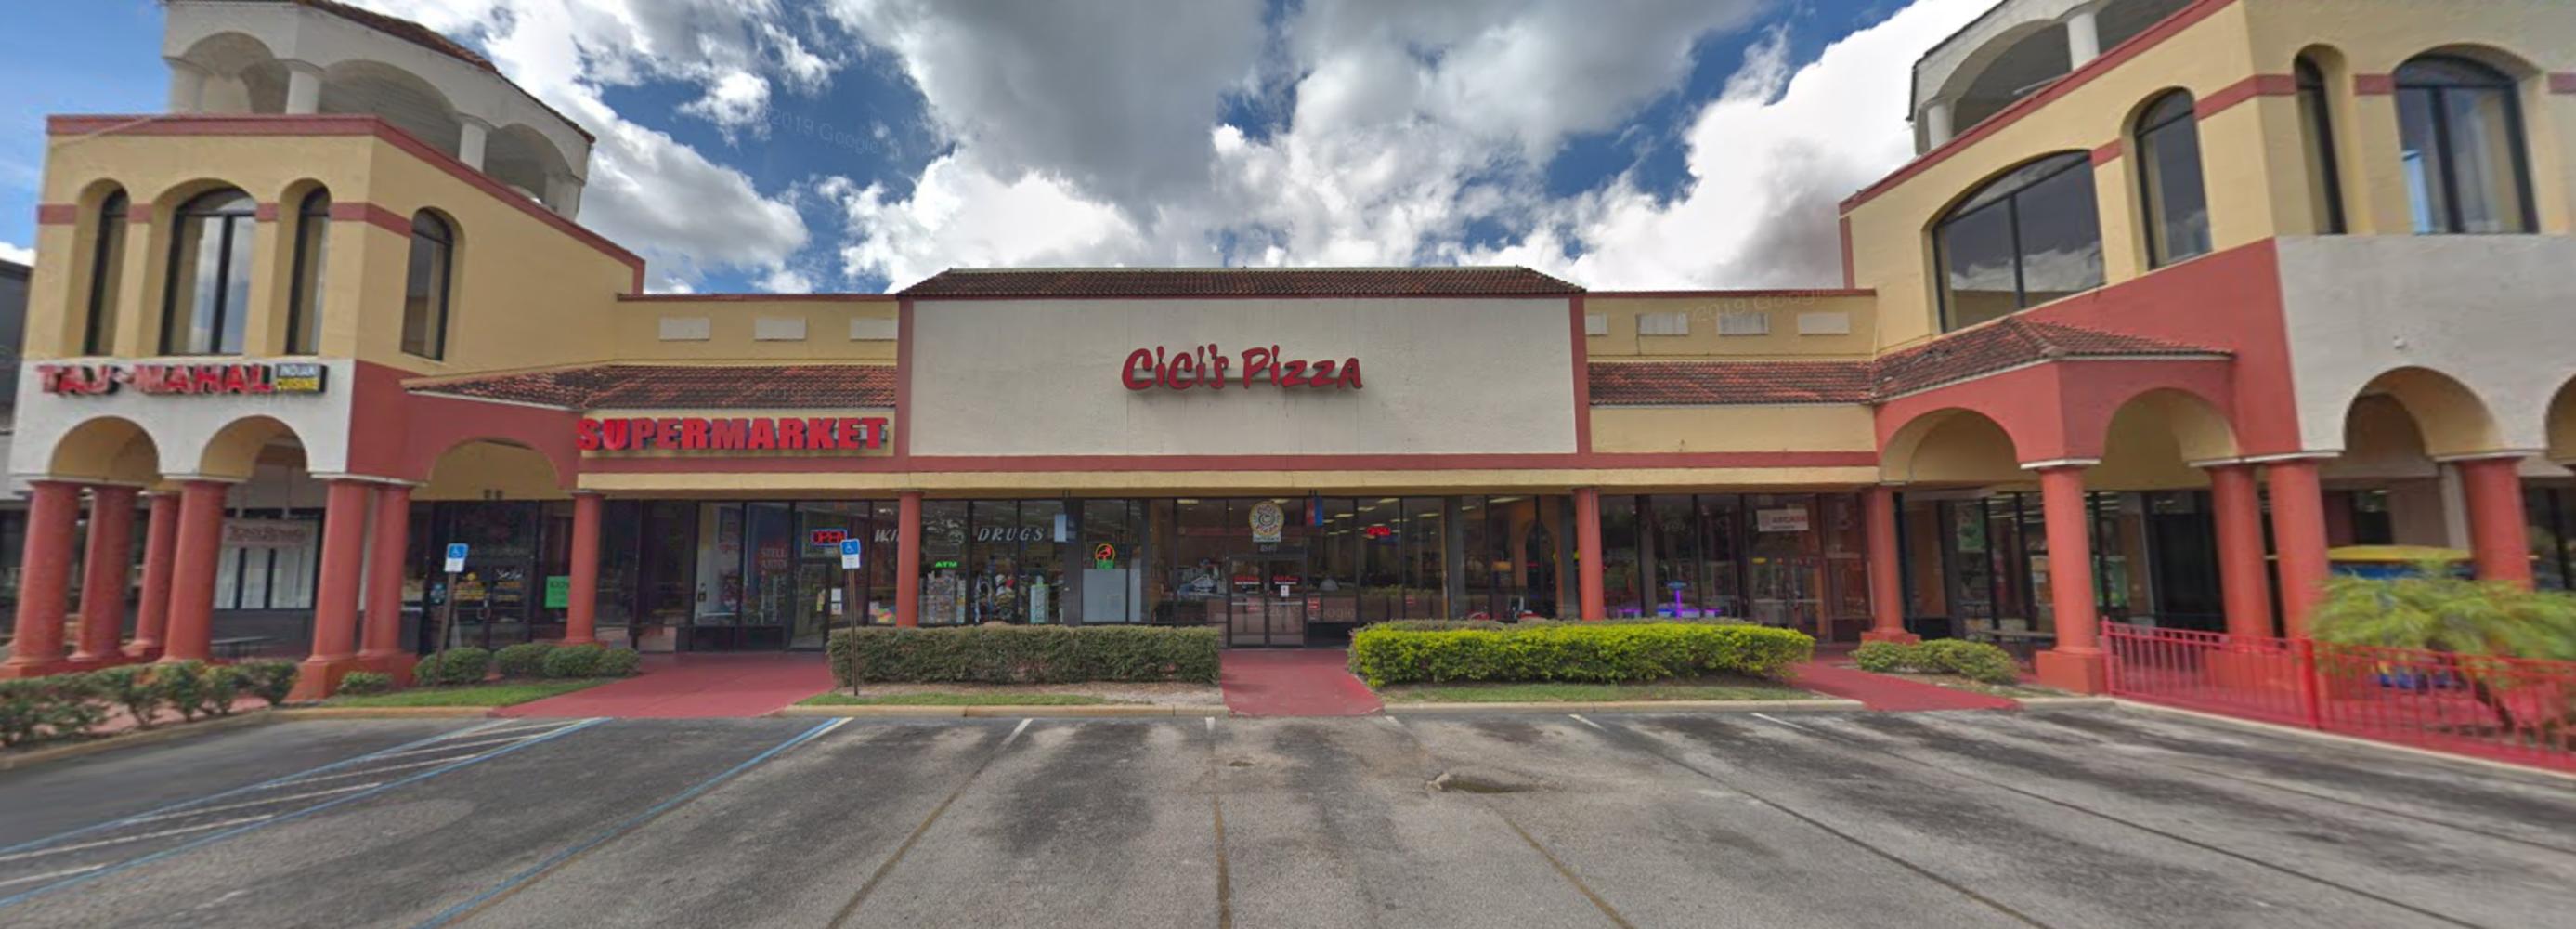 Retail Orlando, 32819-9331 - Tourist Plaza